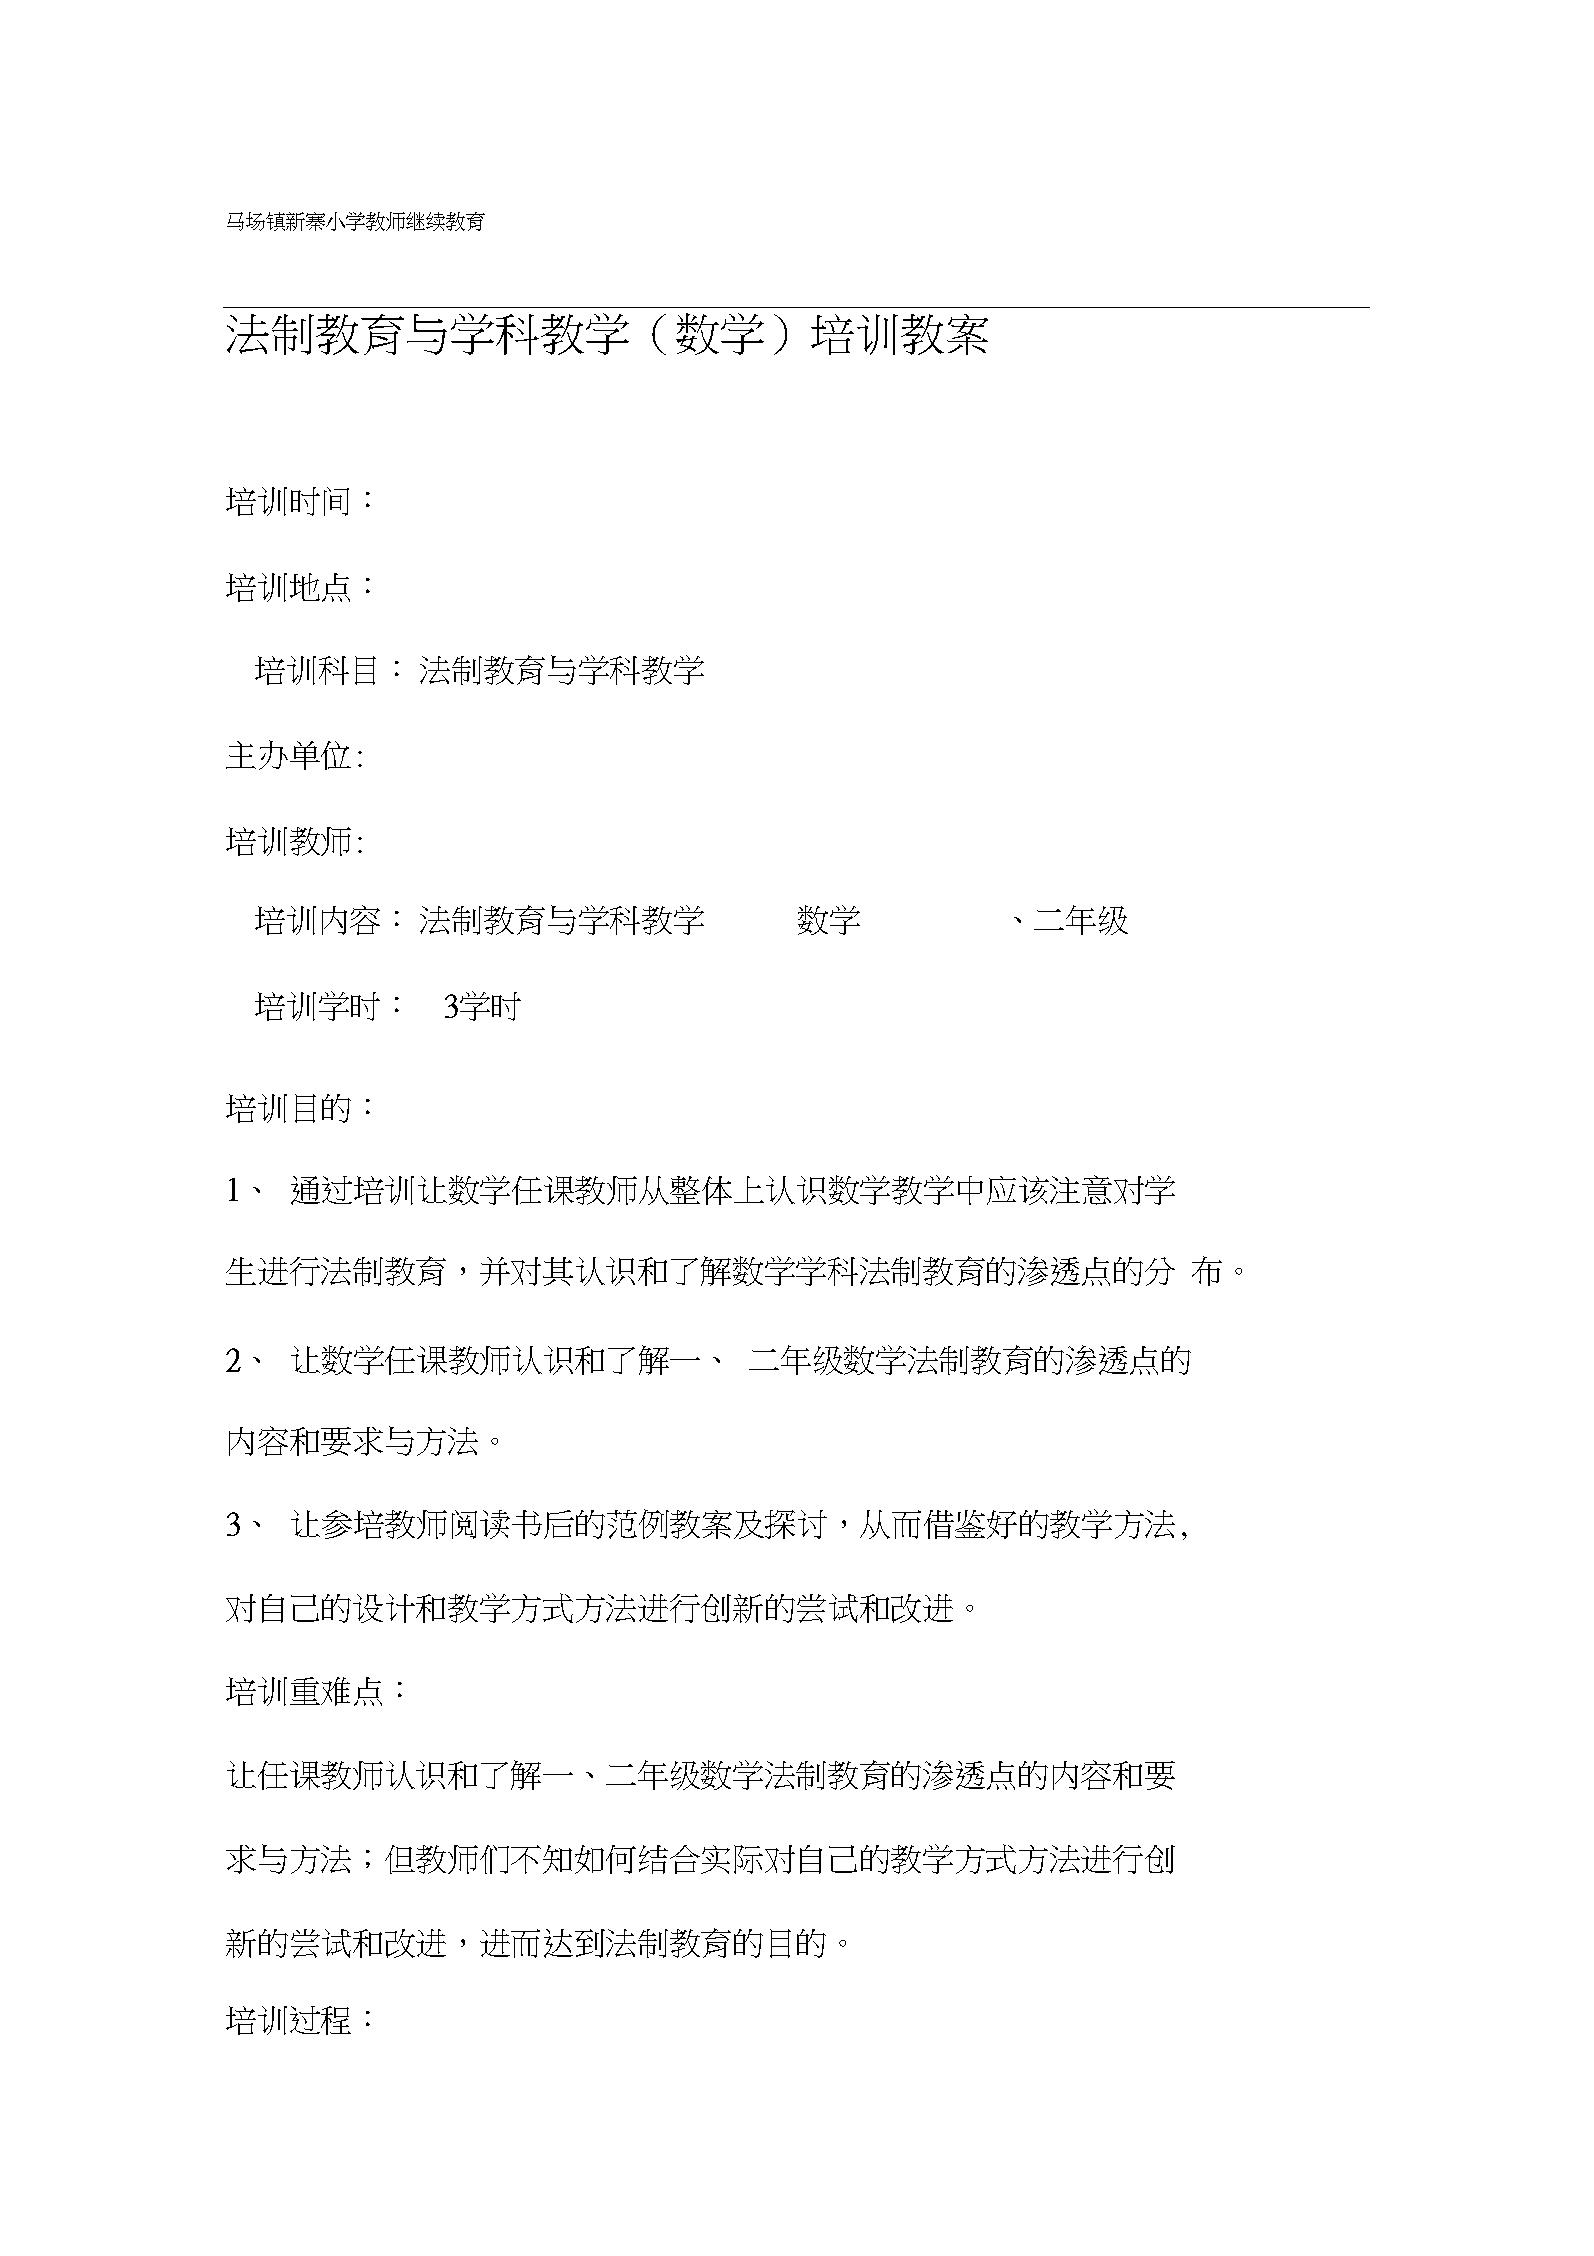 法制教育与学科教学数学培训教案.docx